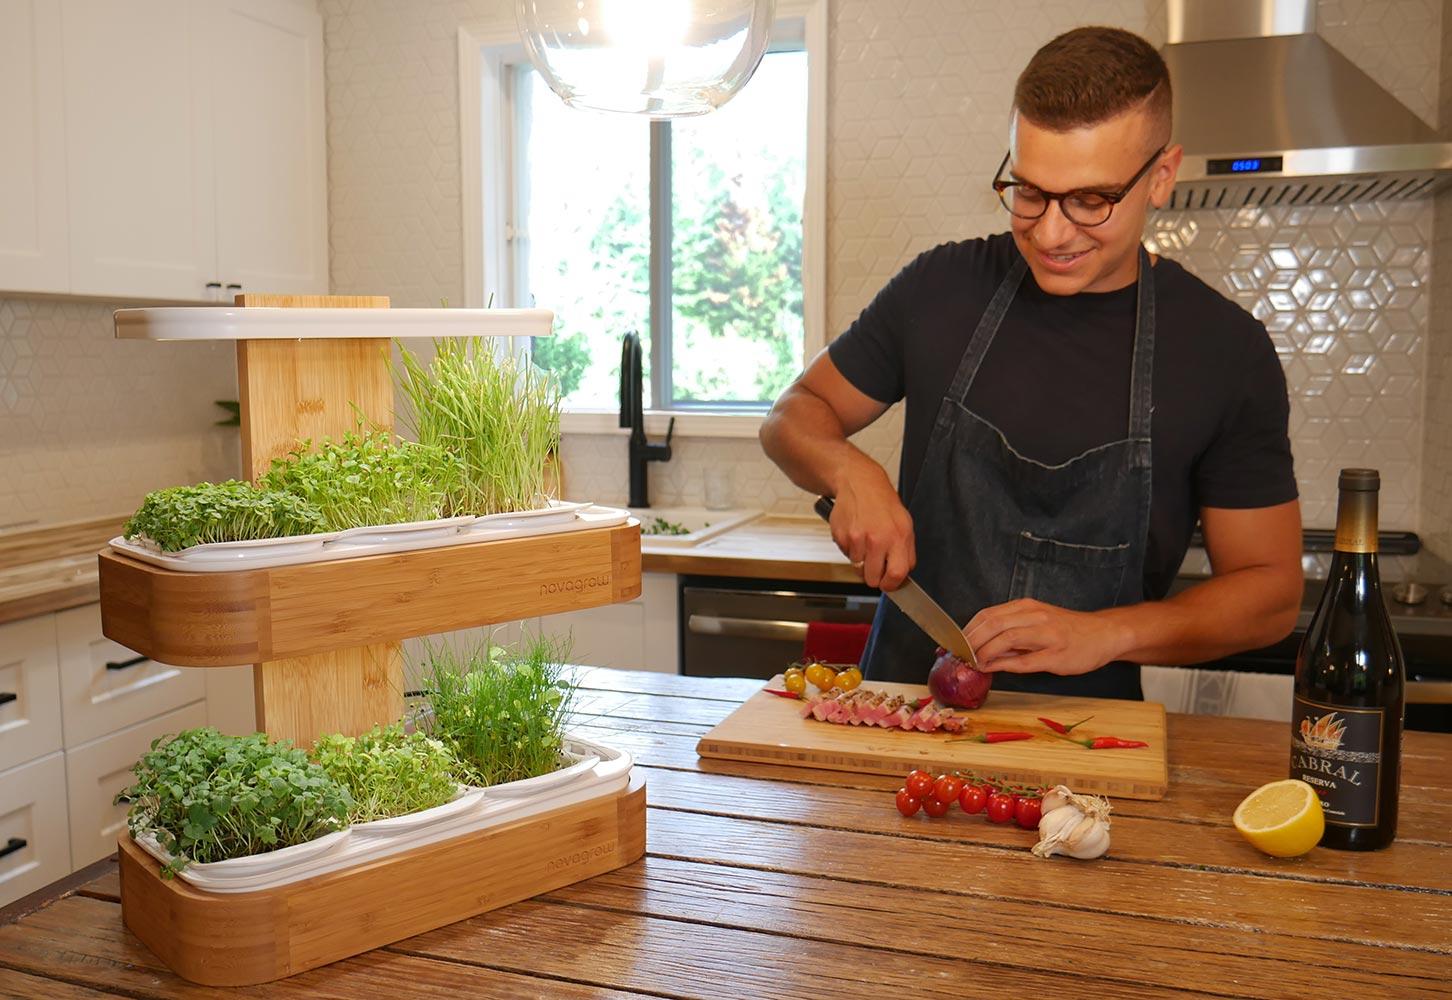 Cuisiner preparant une recette avec des pousses récoltées de son jardin novagrow